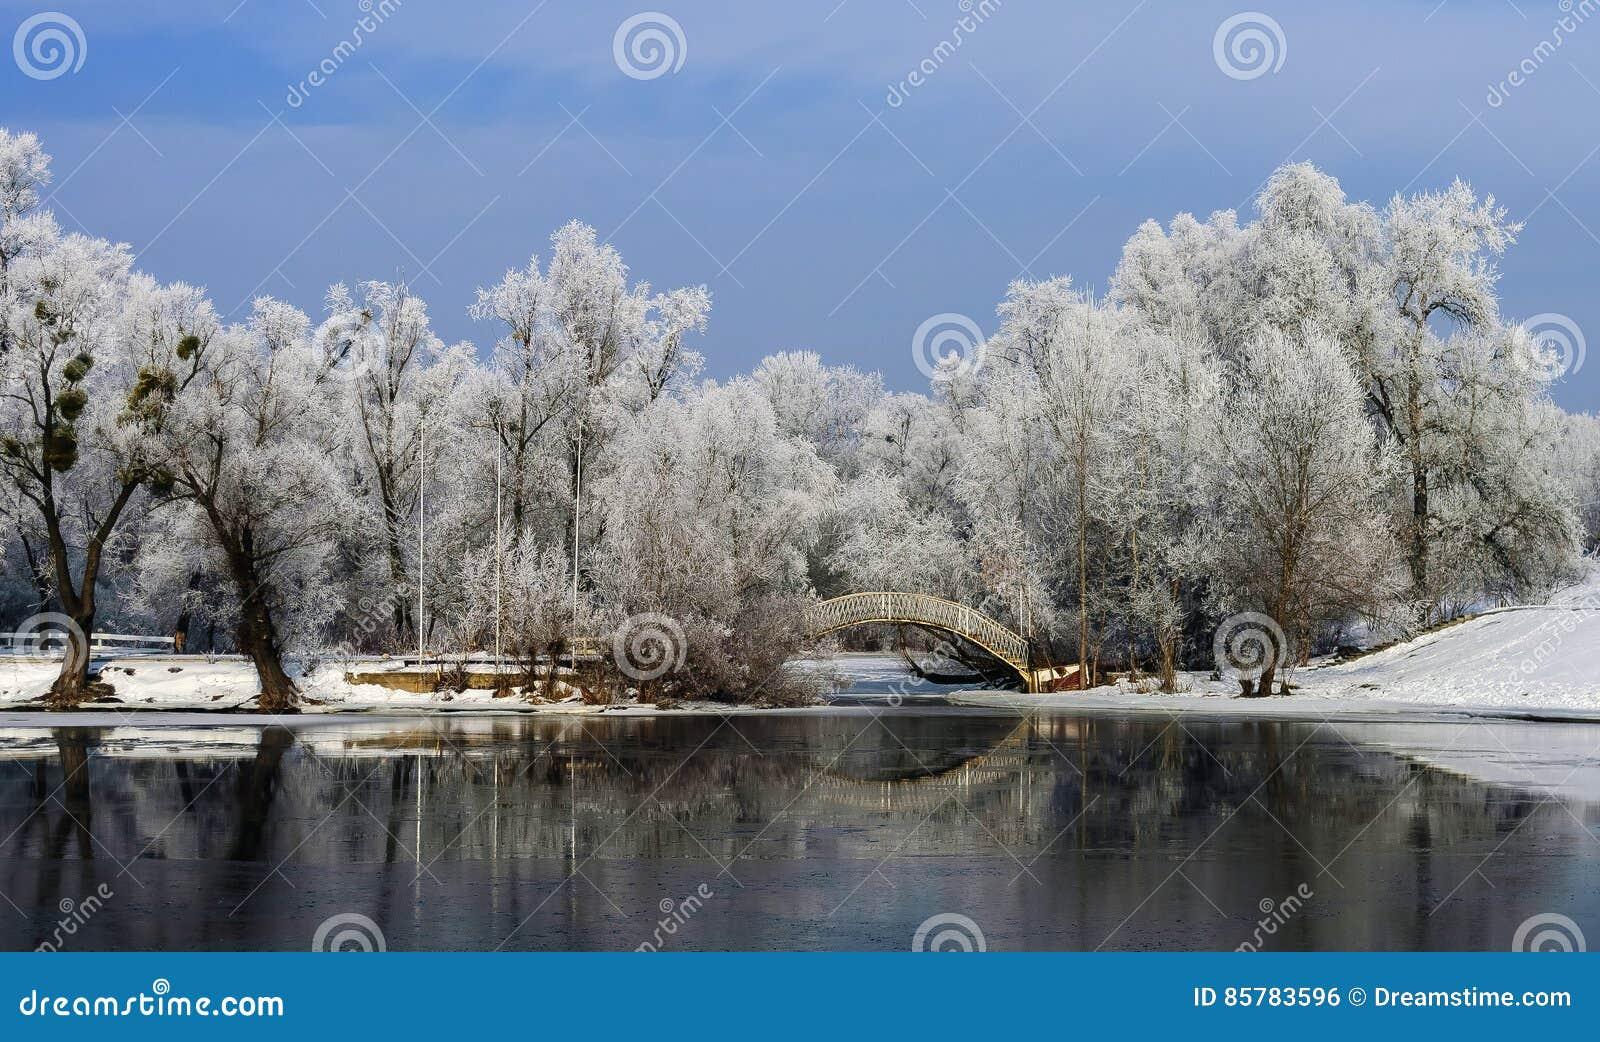 Puente jorobado sobre la bahía del río entre árboles grandes en helada